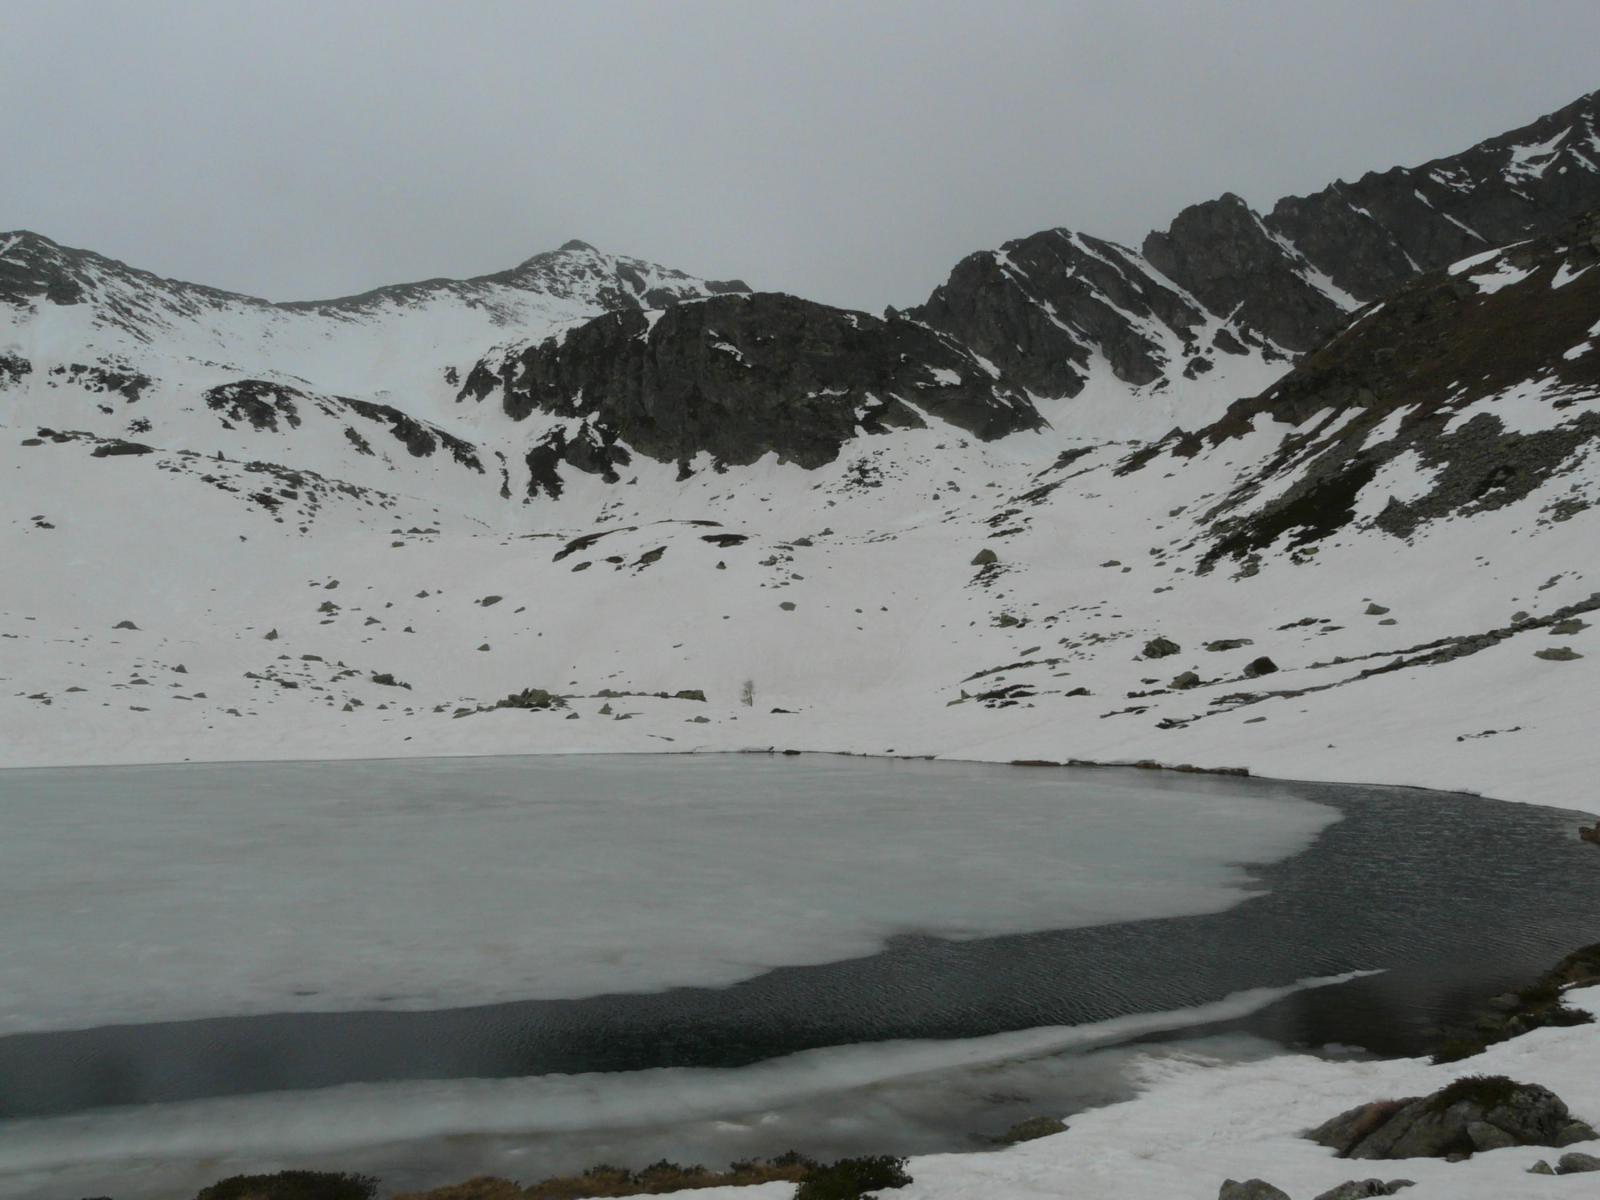 lago ghiacciato,  tormenta in arrivo